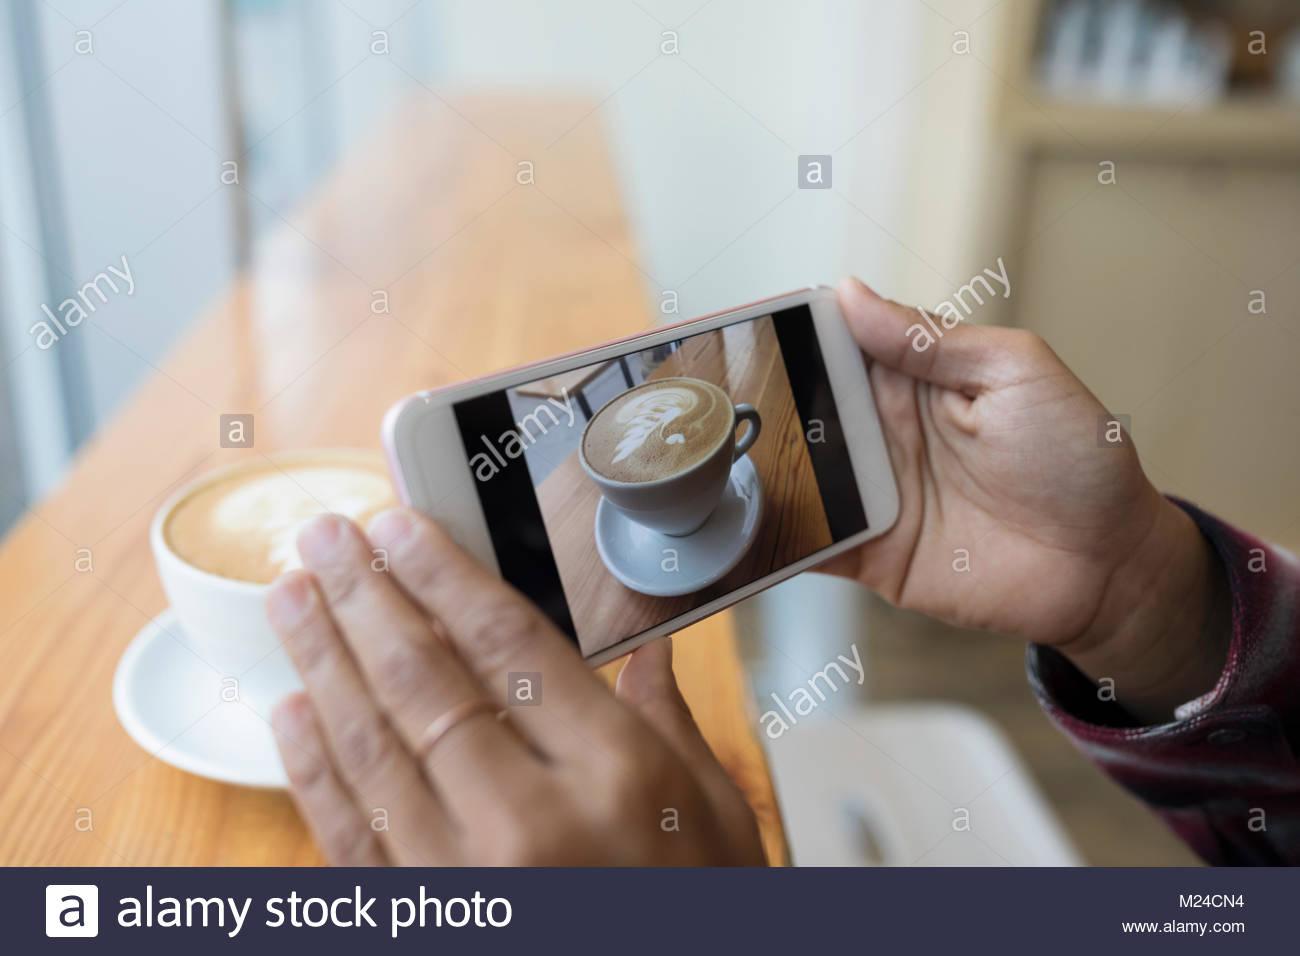 Vicino la donna con la fotocamera del telefono a fotografare il cappuccino in cafe Immagini Stock